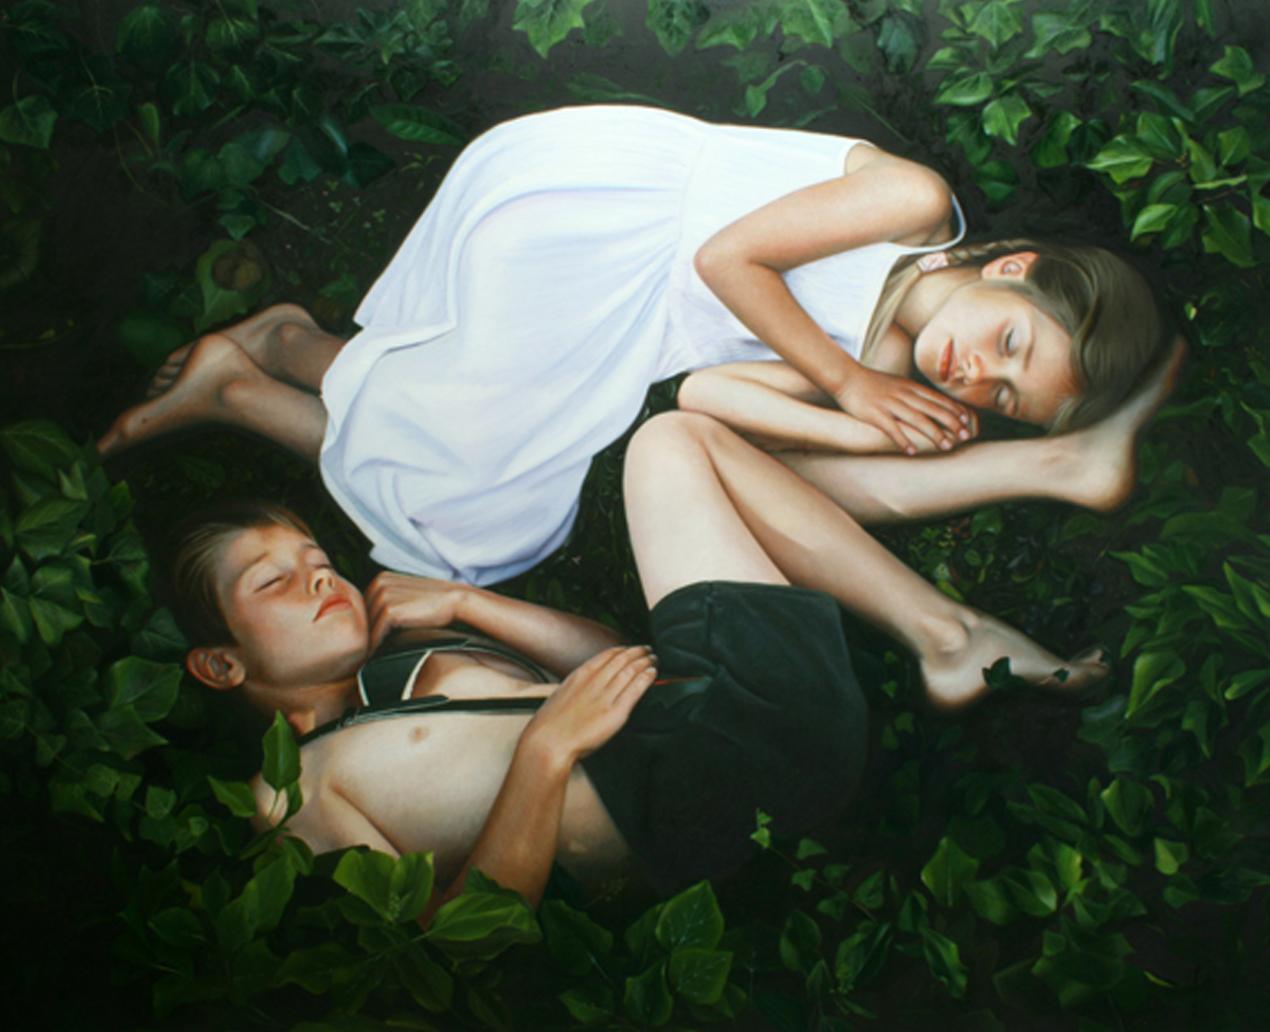 Hänsel und Gretel (c)Jorge Villalba